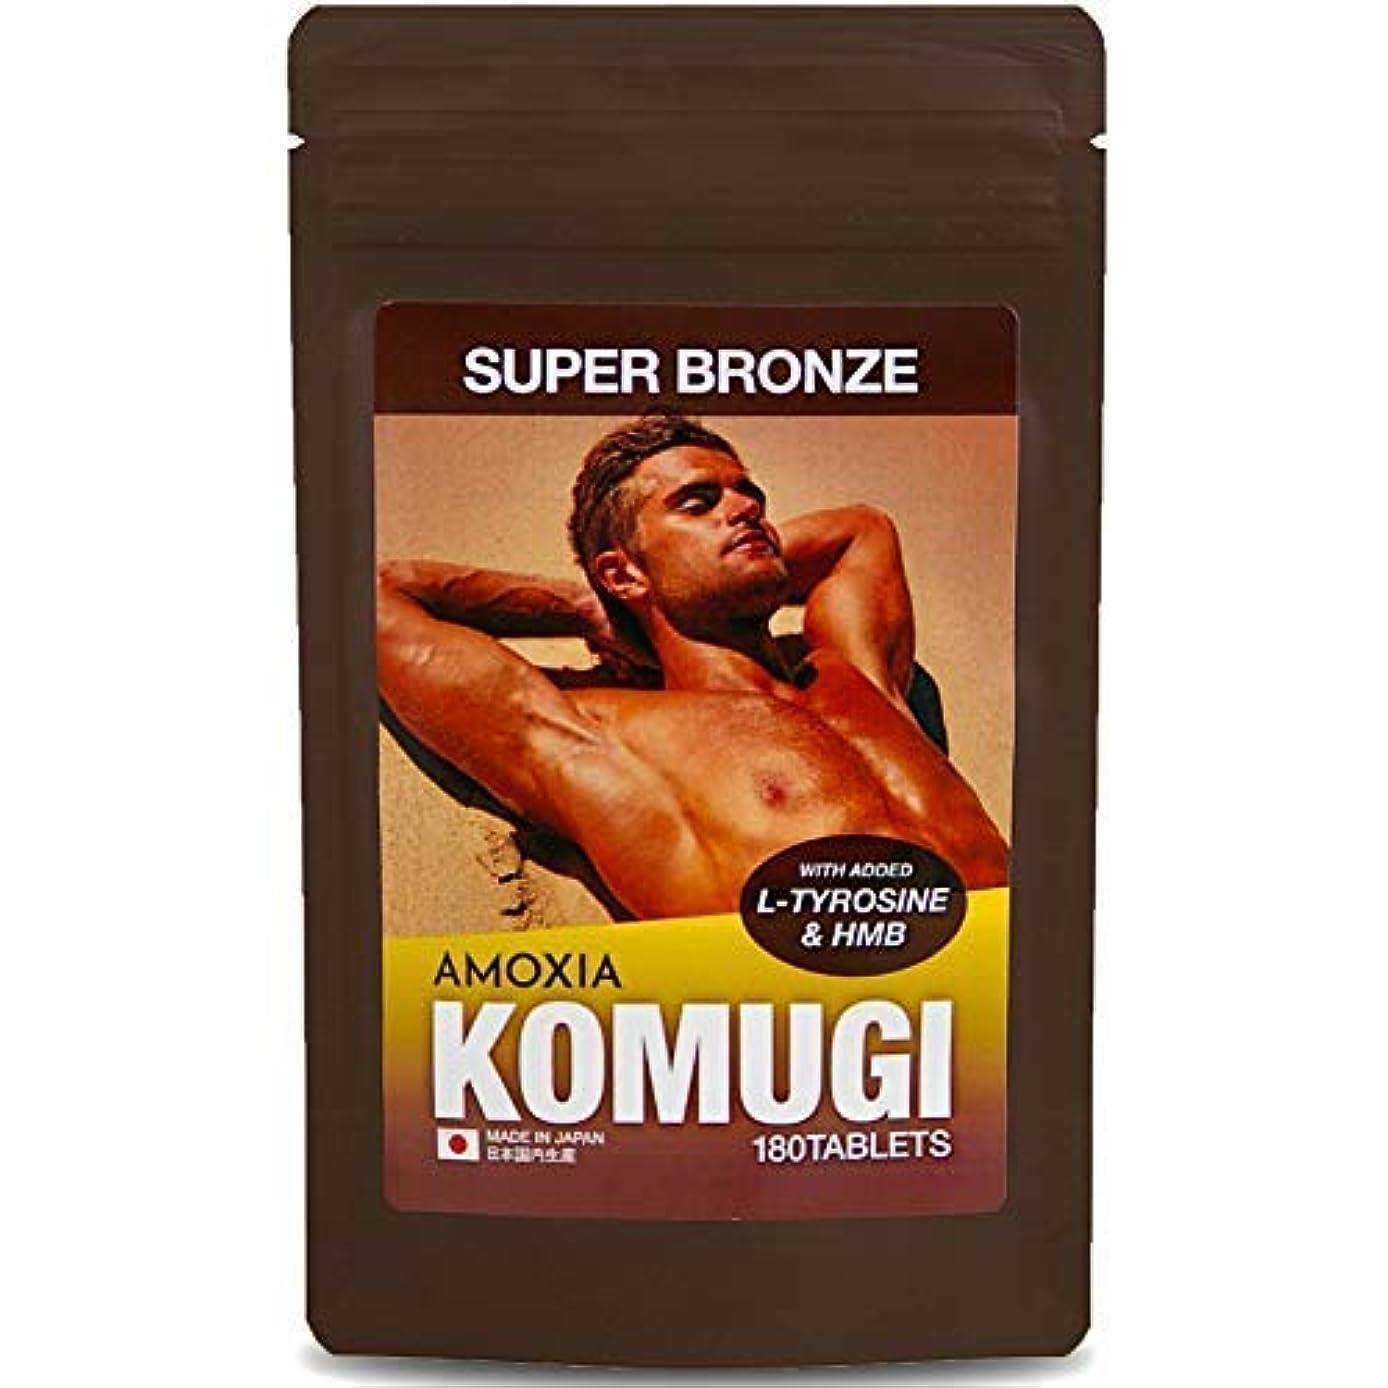 こする気怠い作り上げるKOMUGI 日焼けと筋肉増強で新発想の飲むタンニング タンニングサプリメント 安心の国産 HMB配合 国産シェア100%